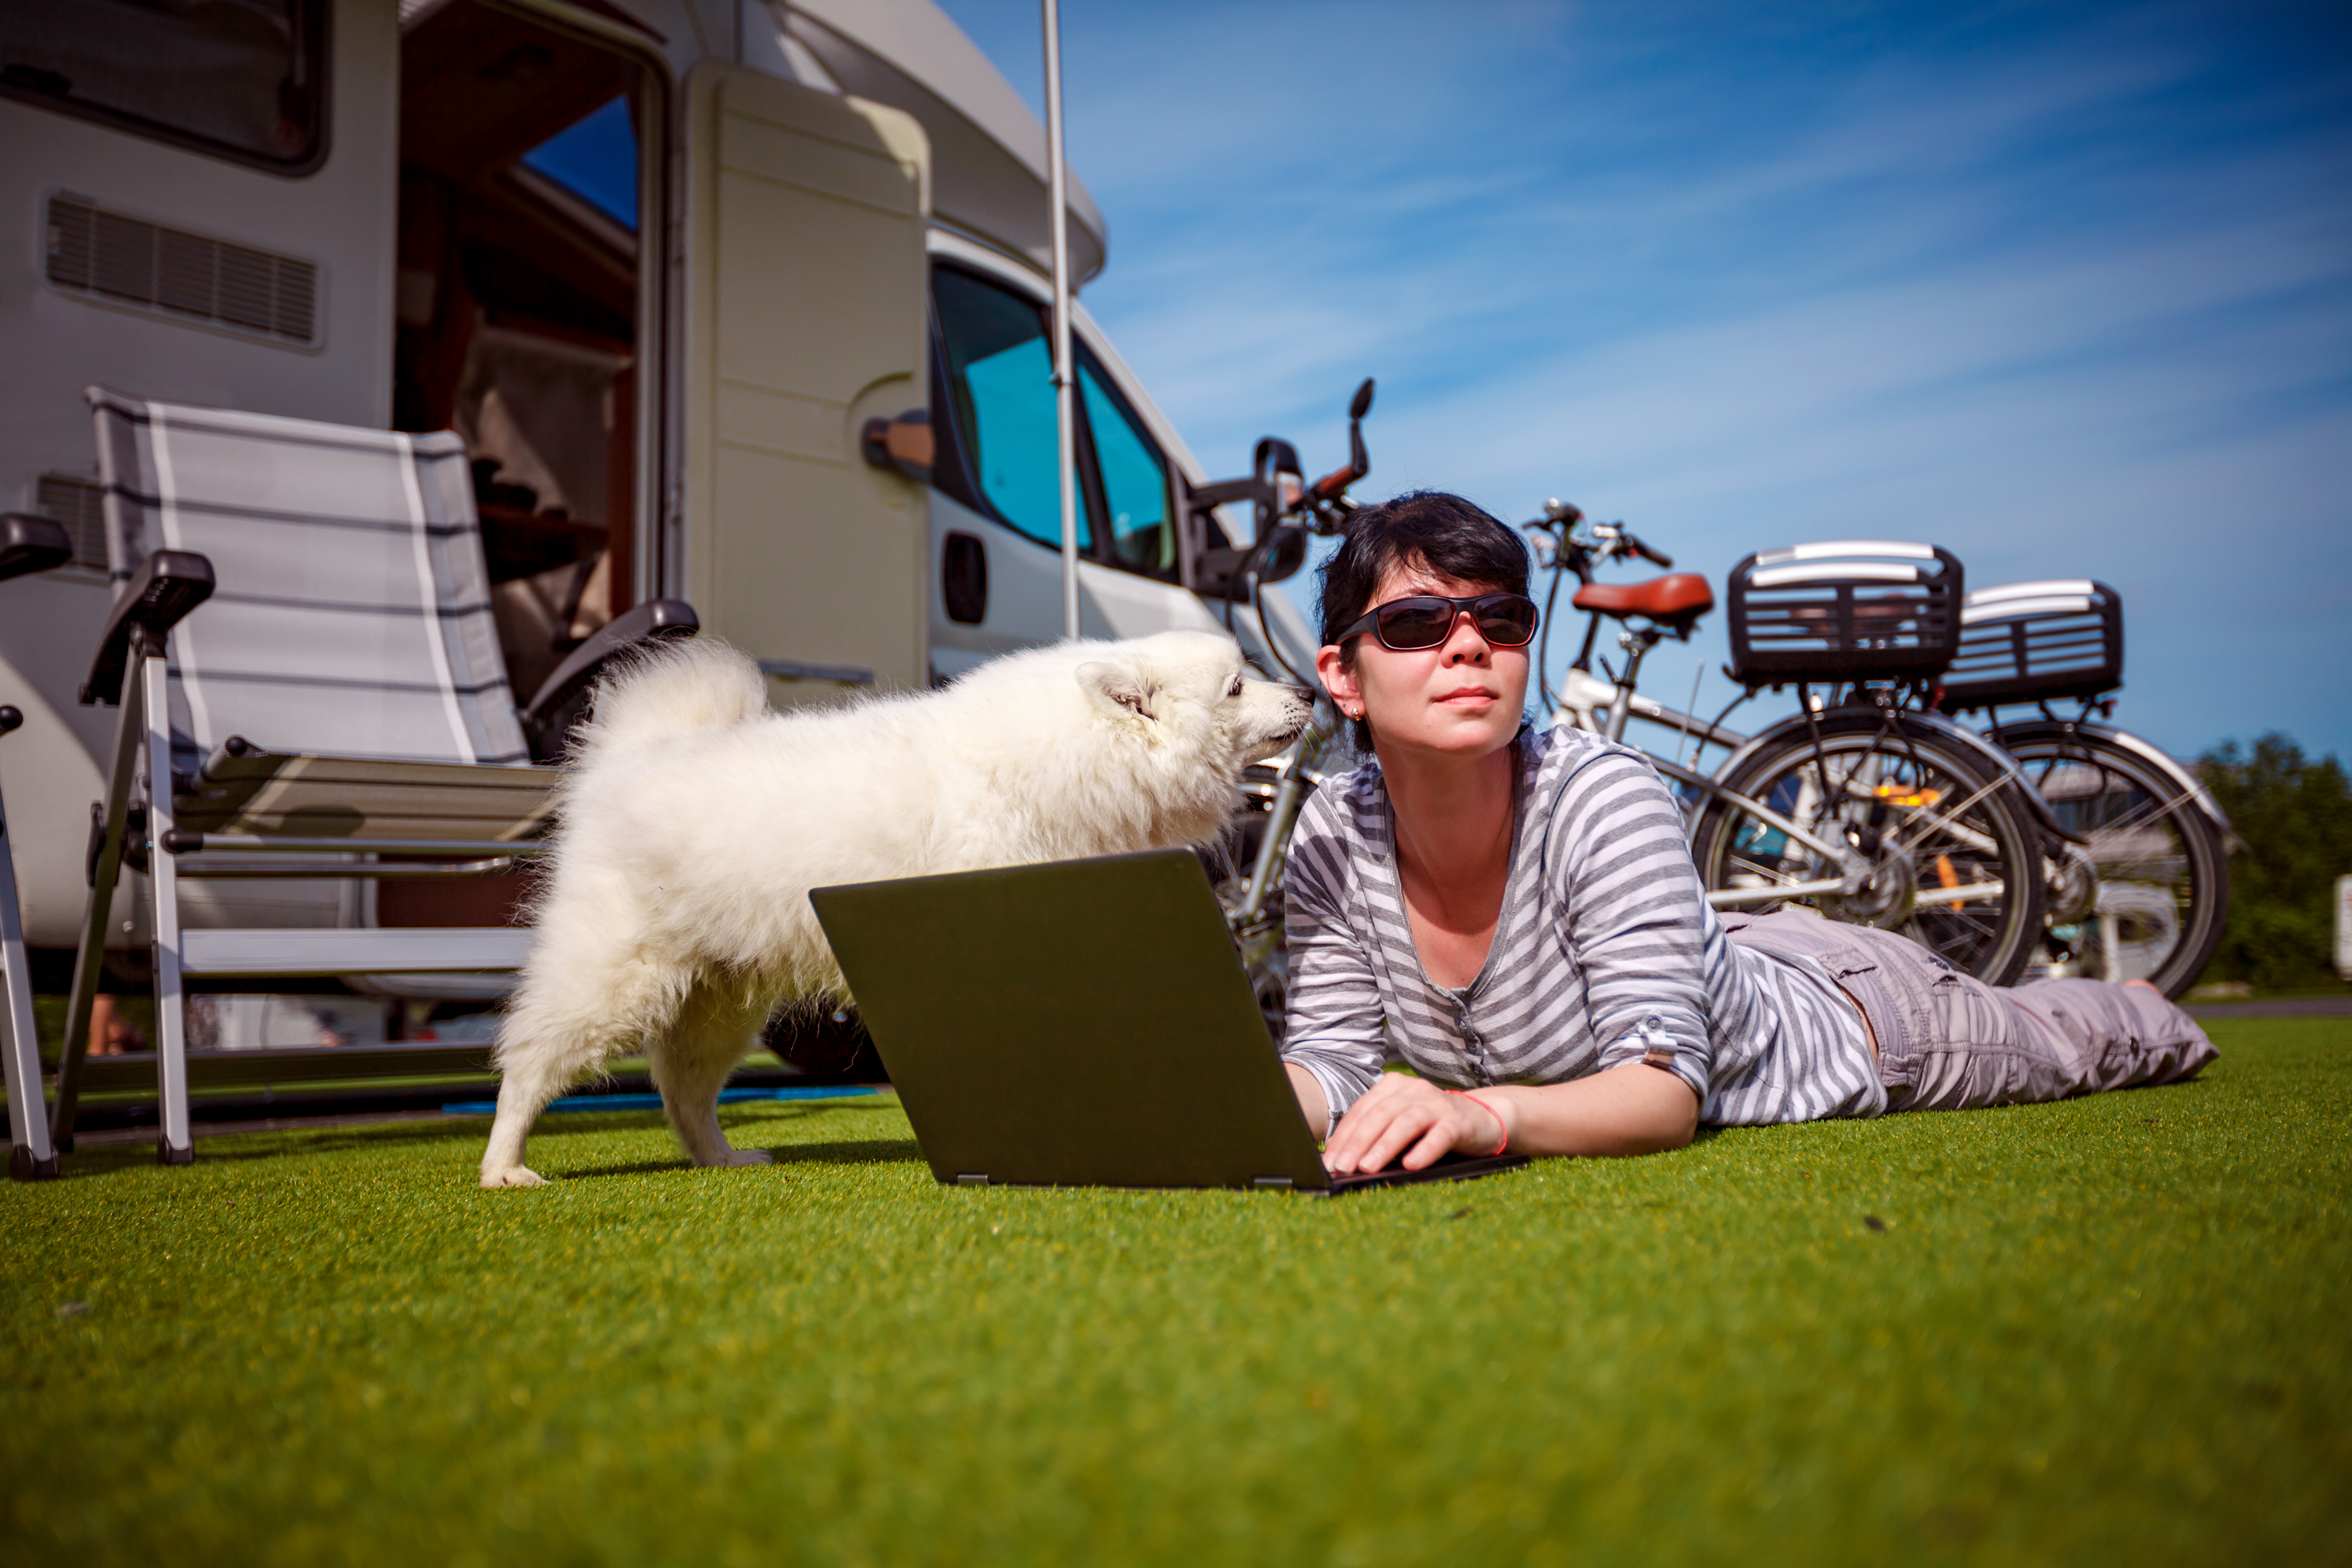 Kontakt Campingmaeglerne